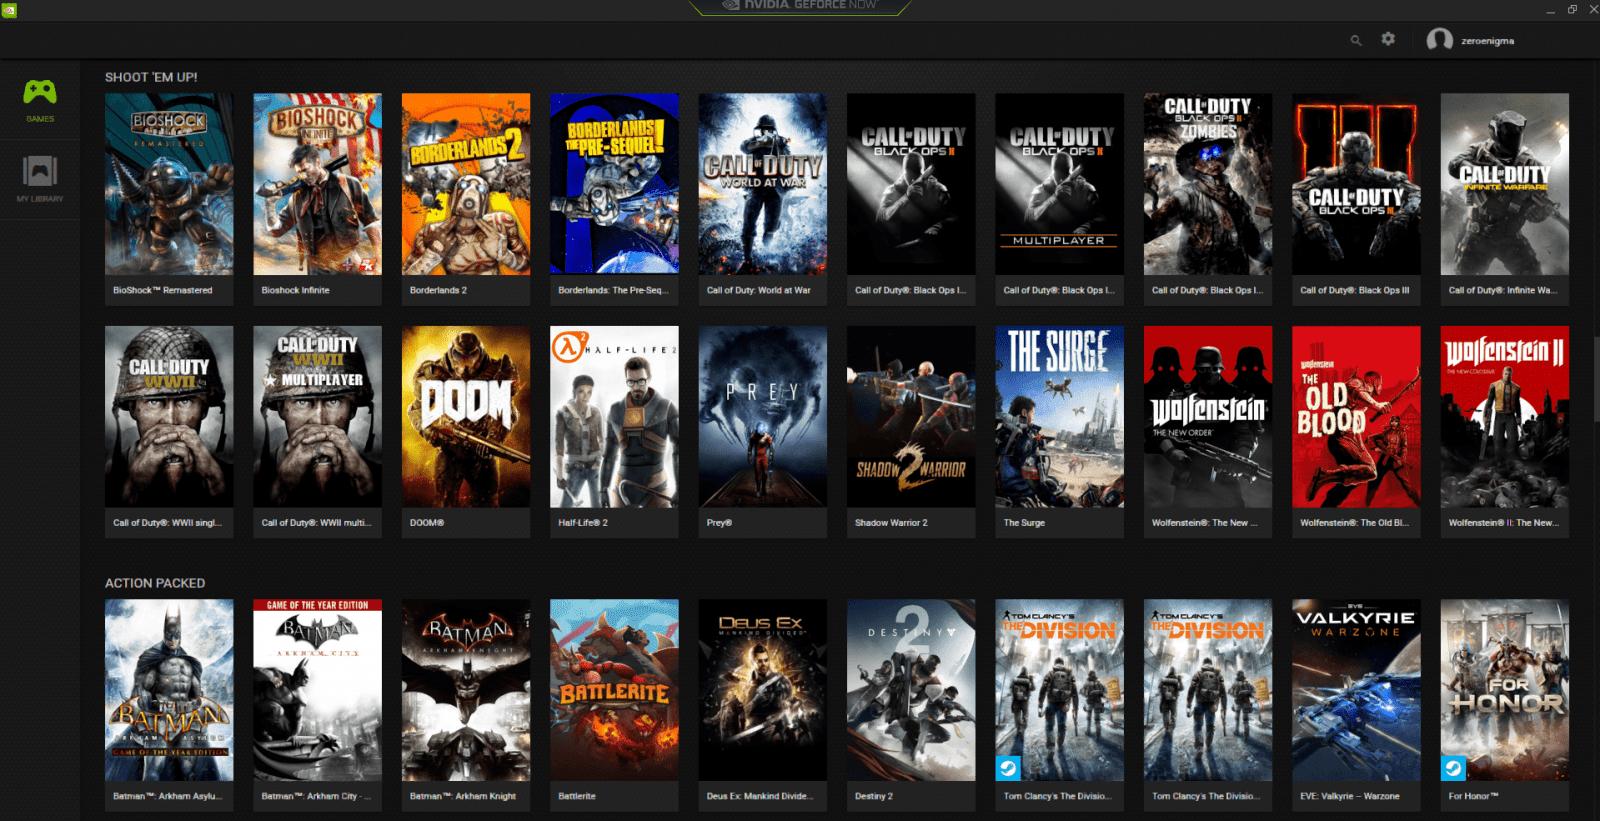 NVIDIA запустила игровой потоковый сервис GeForce Now в России (geforce now library)